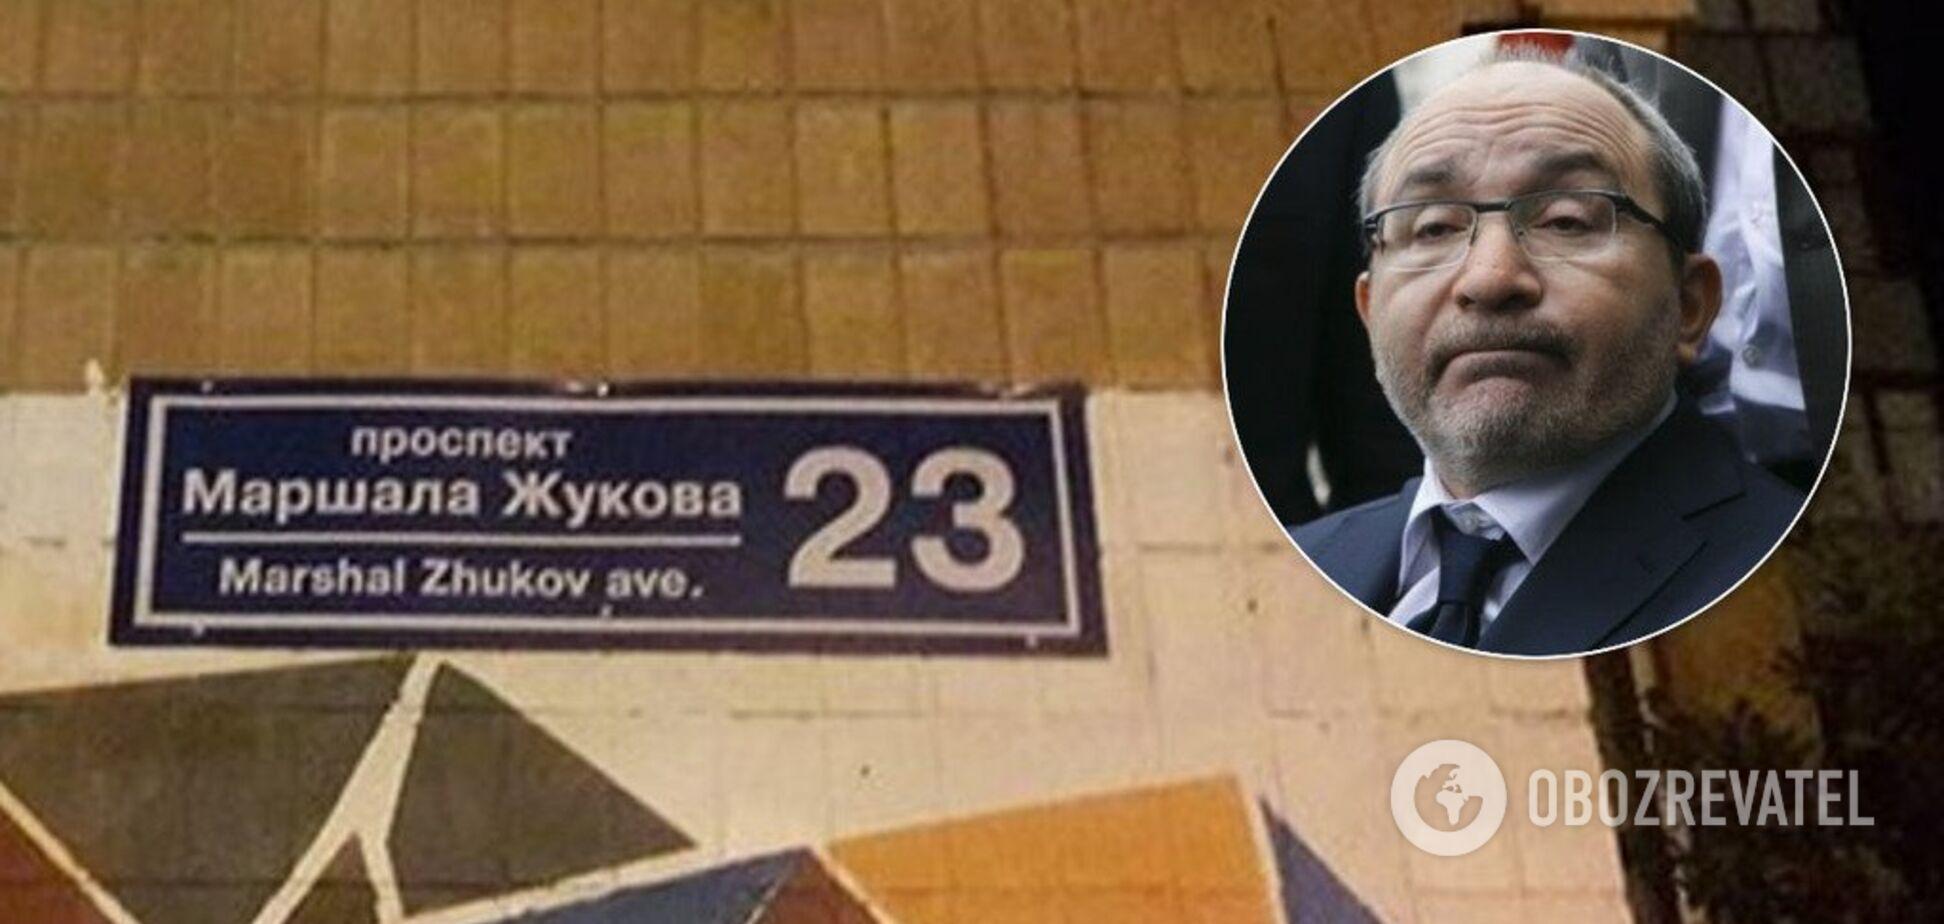 Скандал довкола проспекту Жукова у Харкові: Кернес видав нове розпорядження